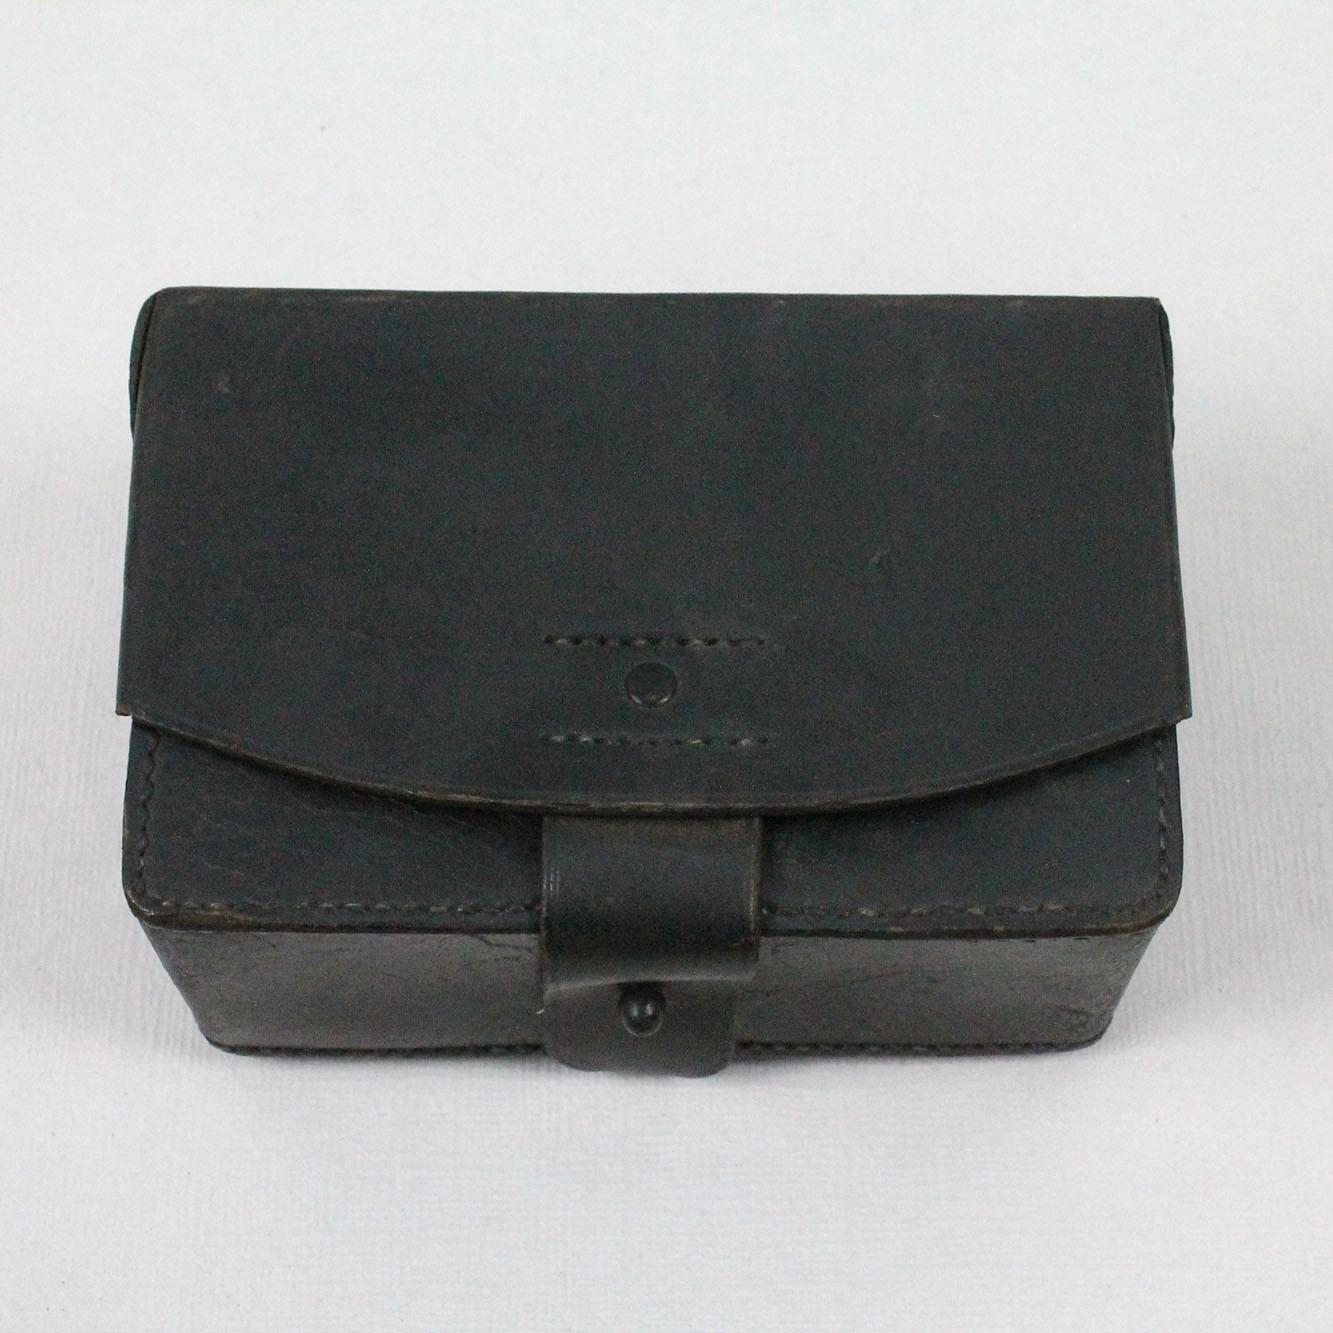 CART-50GC-NEGRA 10